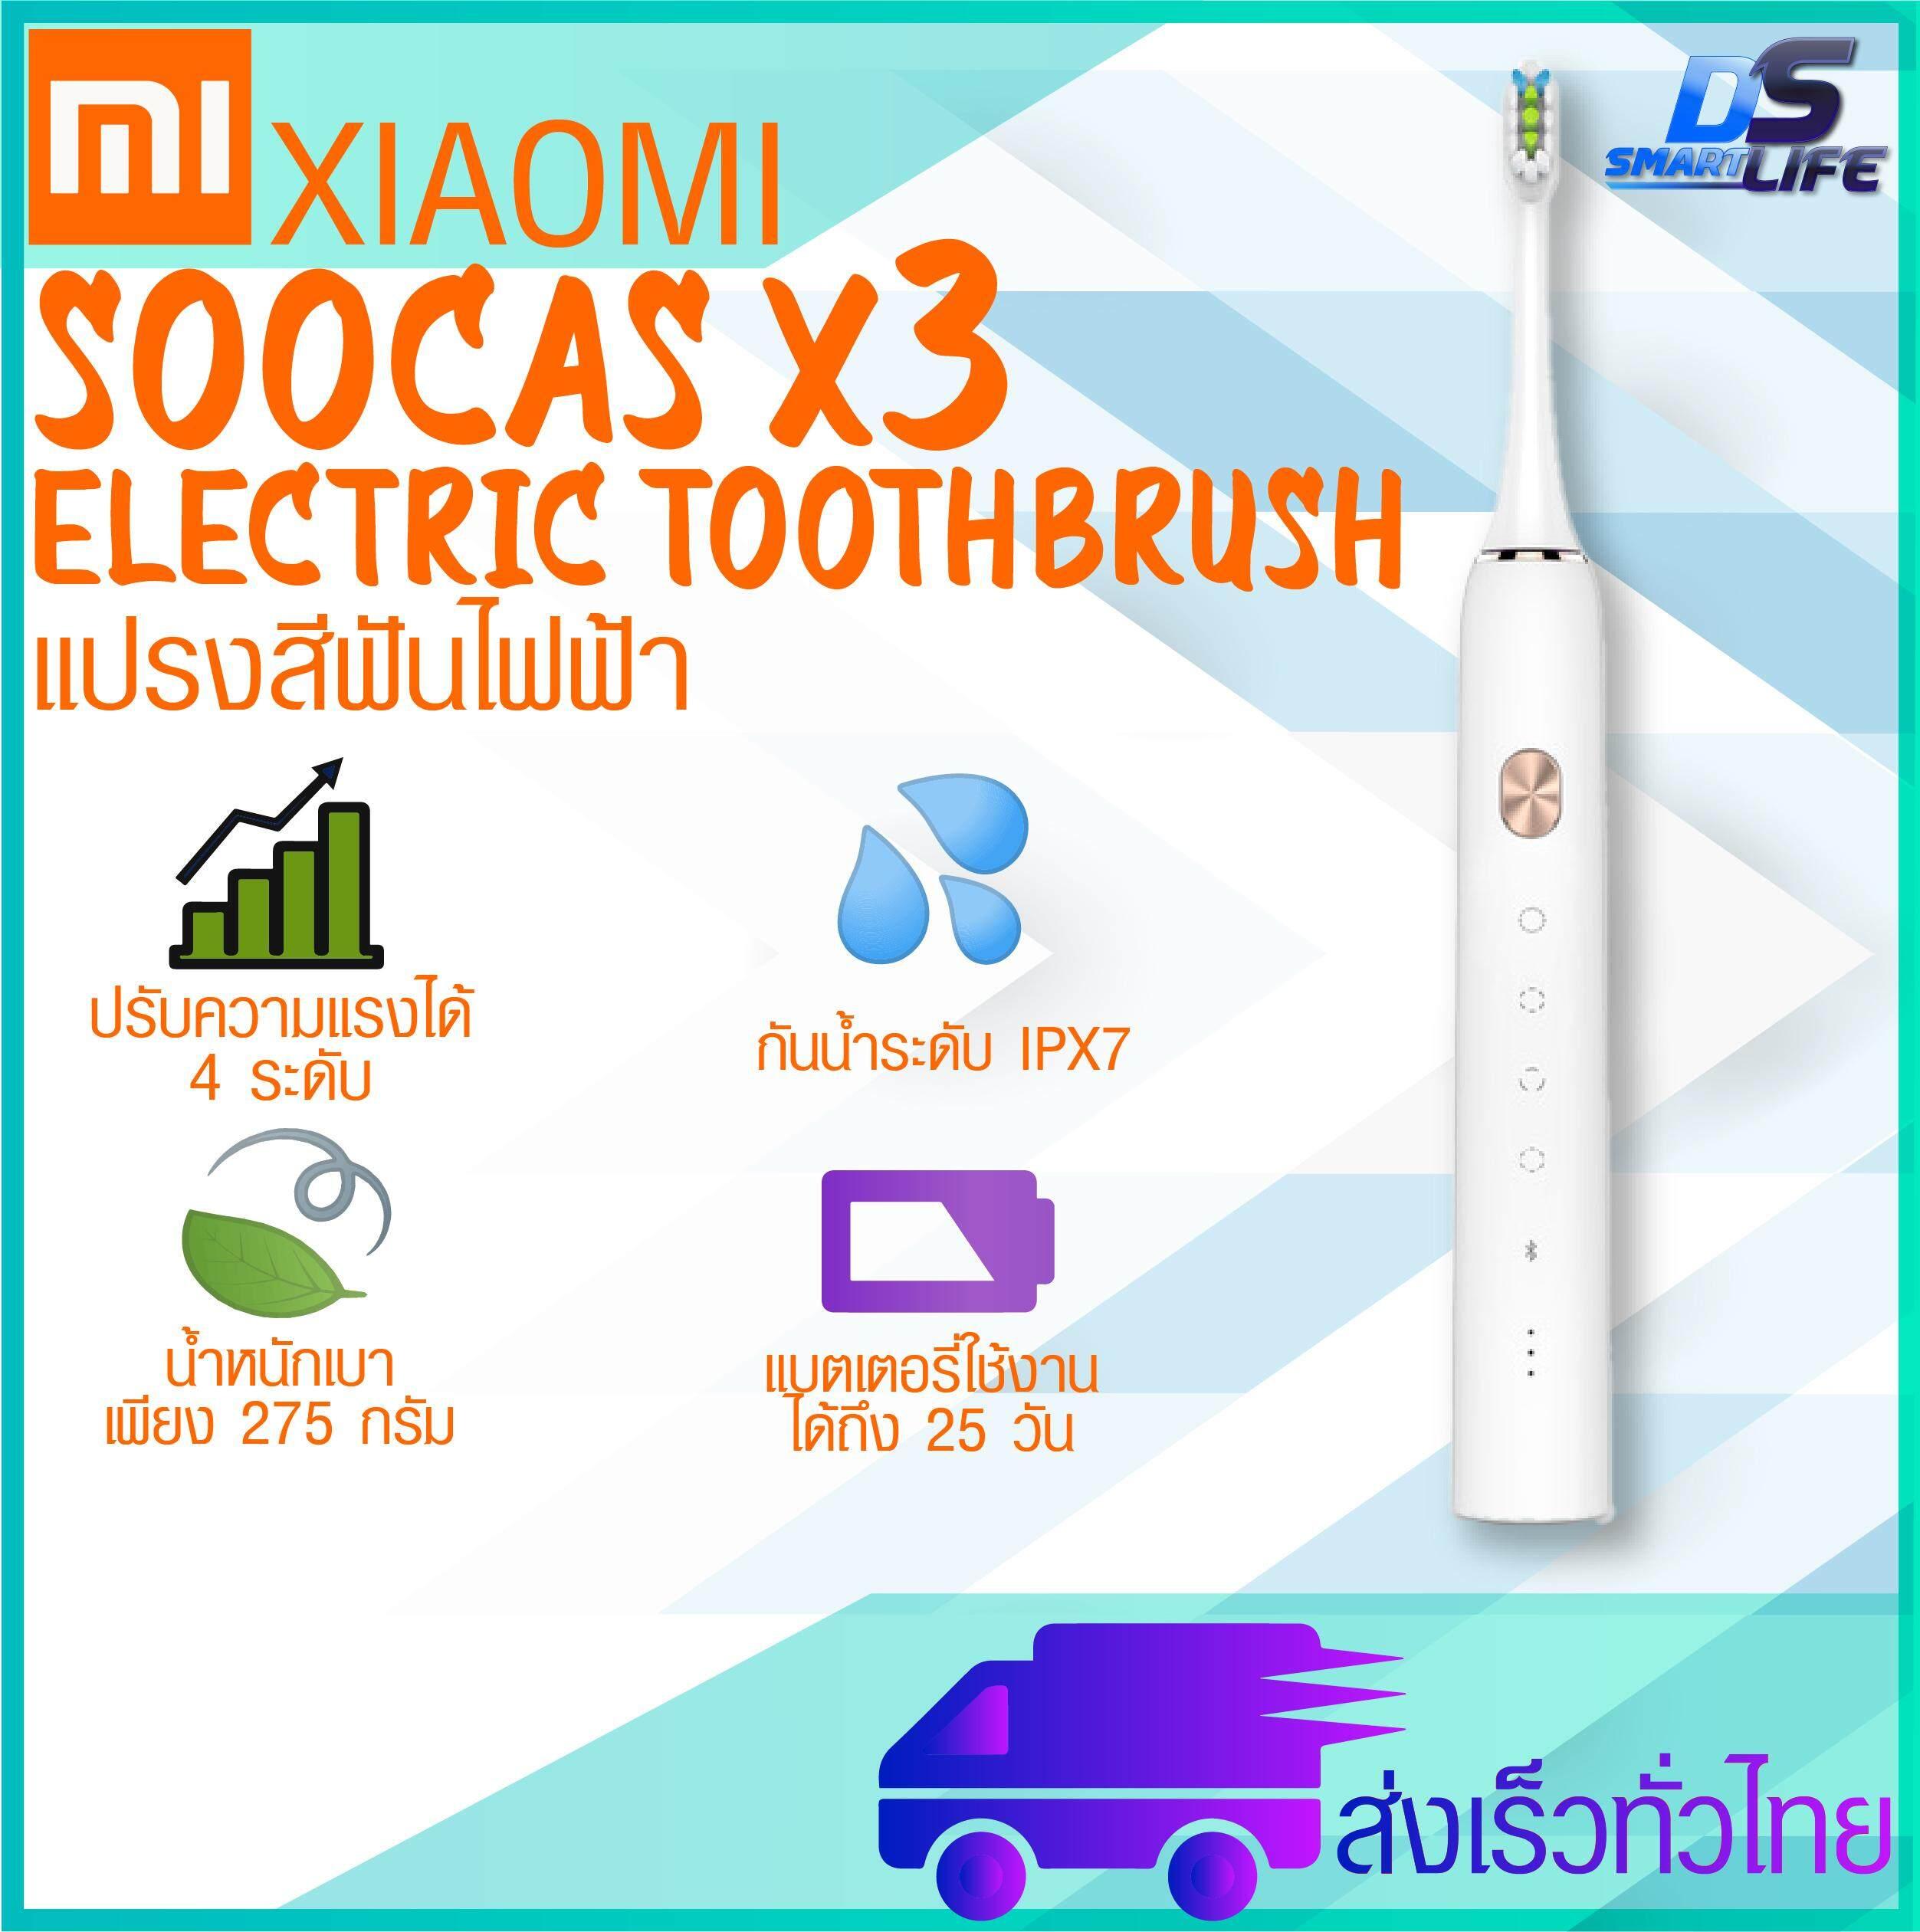 ยโสธร  ใหม่  Xiaomi Soocas X3 Electric Toothbrush แปรงสีฟัน แปรงสีฟันไฟฟ้า แปรงสีฟันไฟฟ้ากันน้ำแบบชาร์จ  รับประกัน 3 เดือน